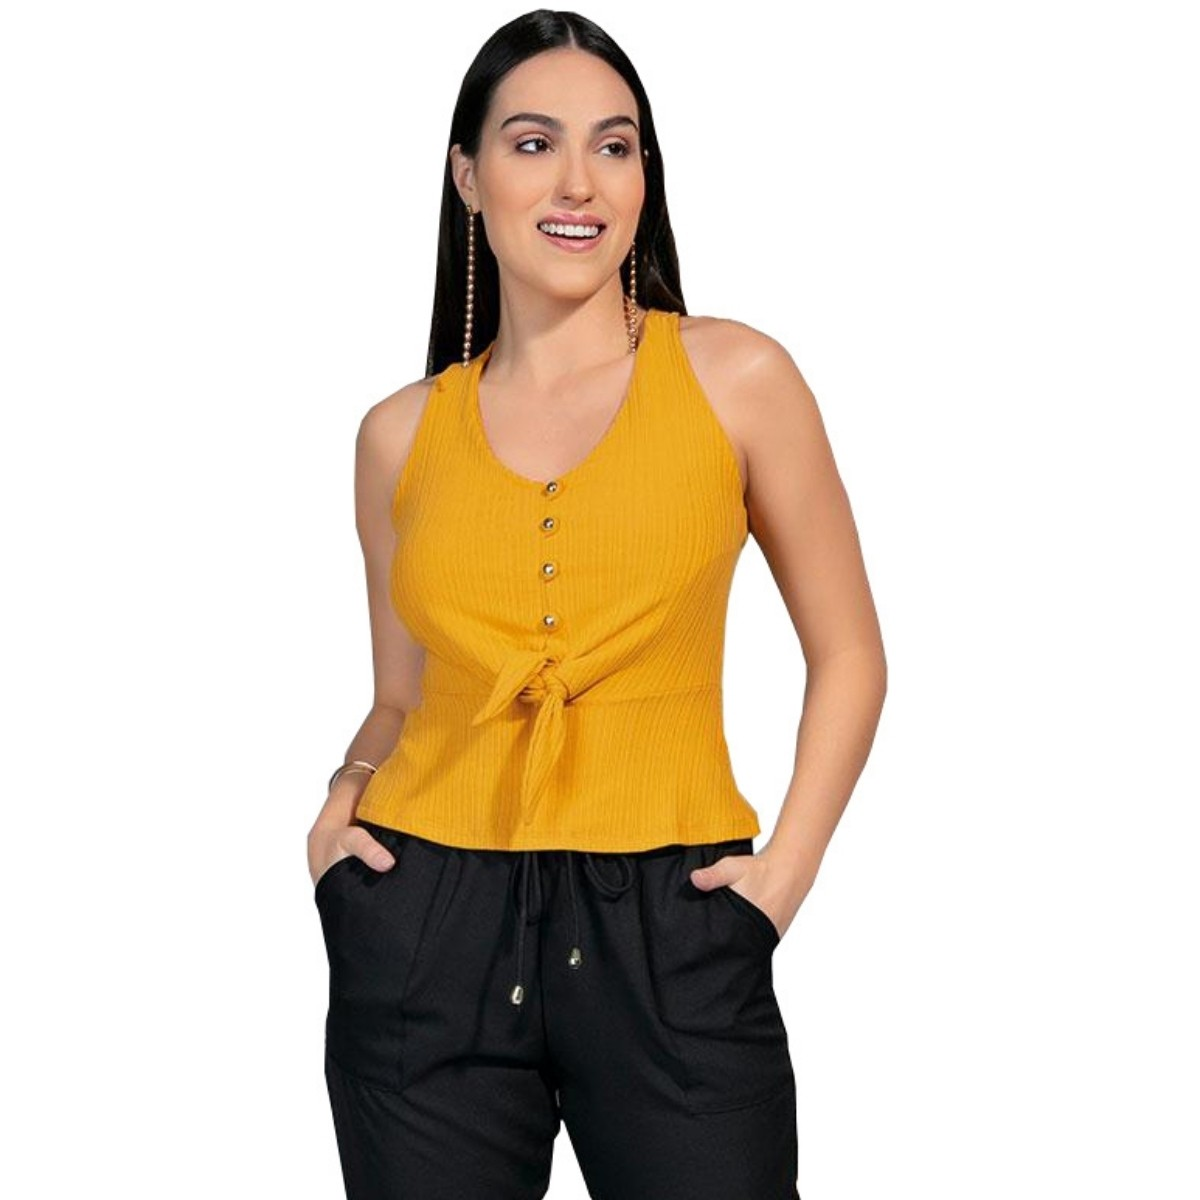 Blusa Canelado com Botão e Amarração